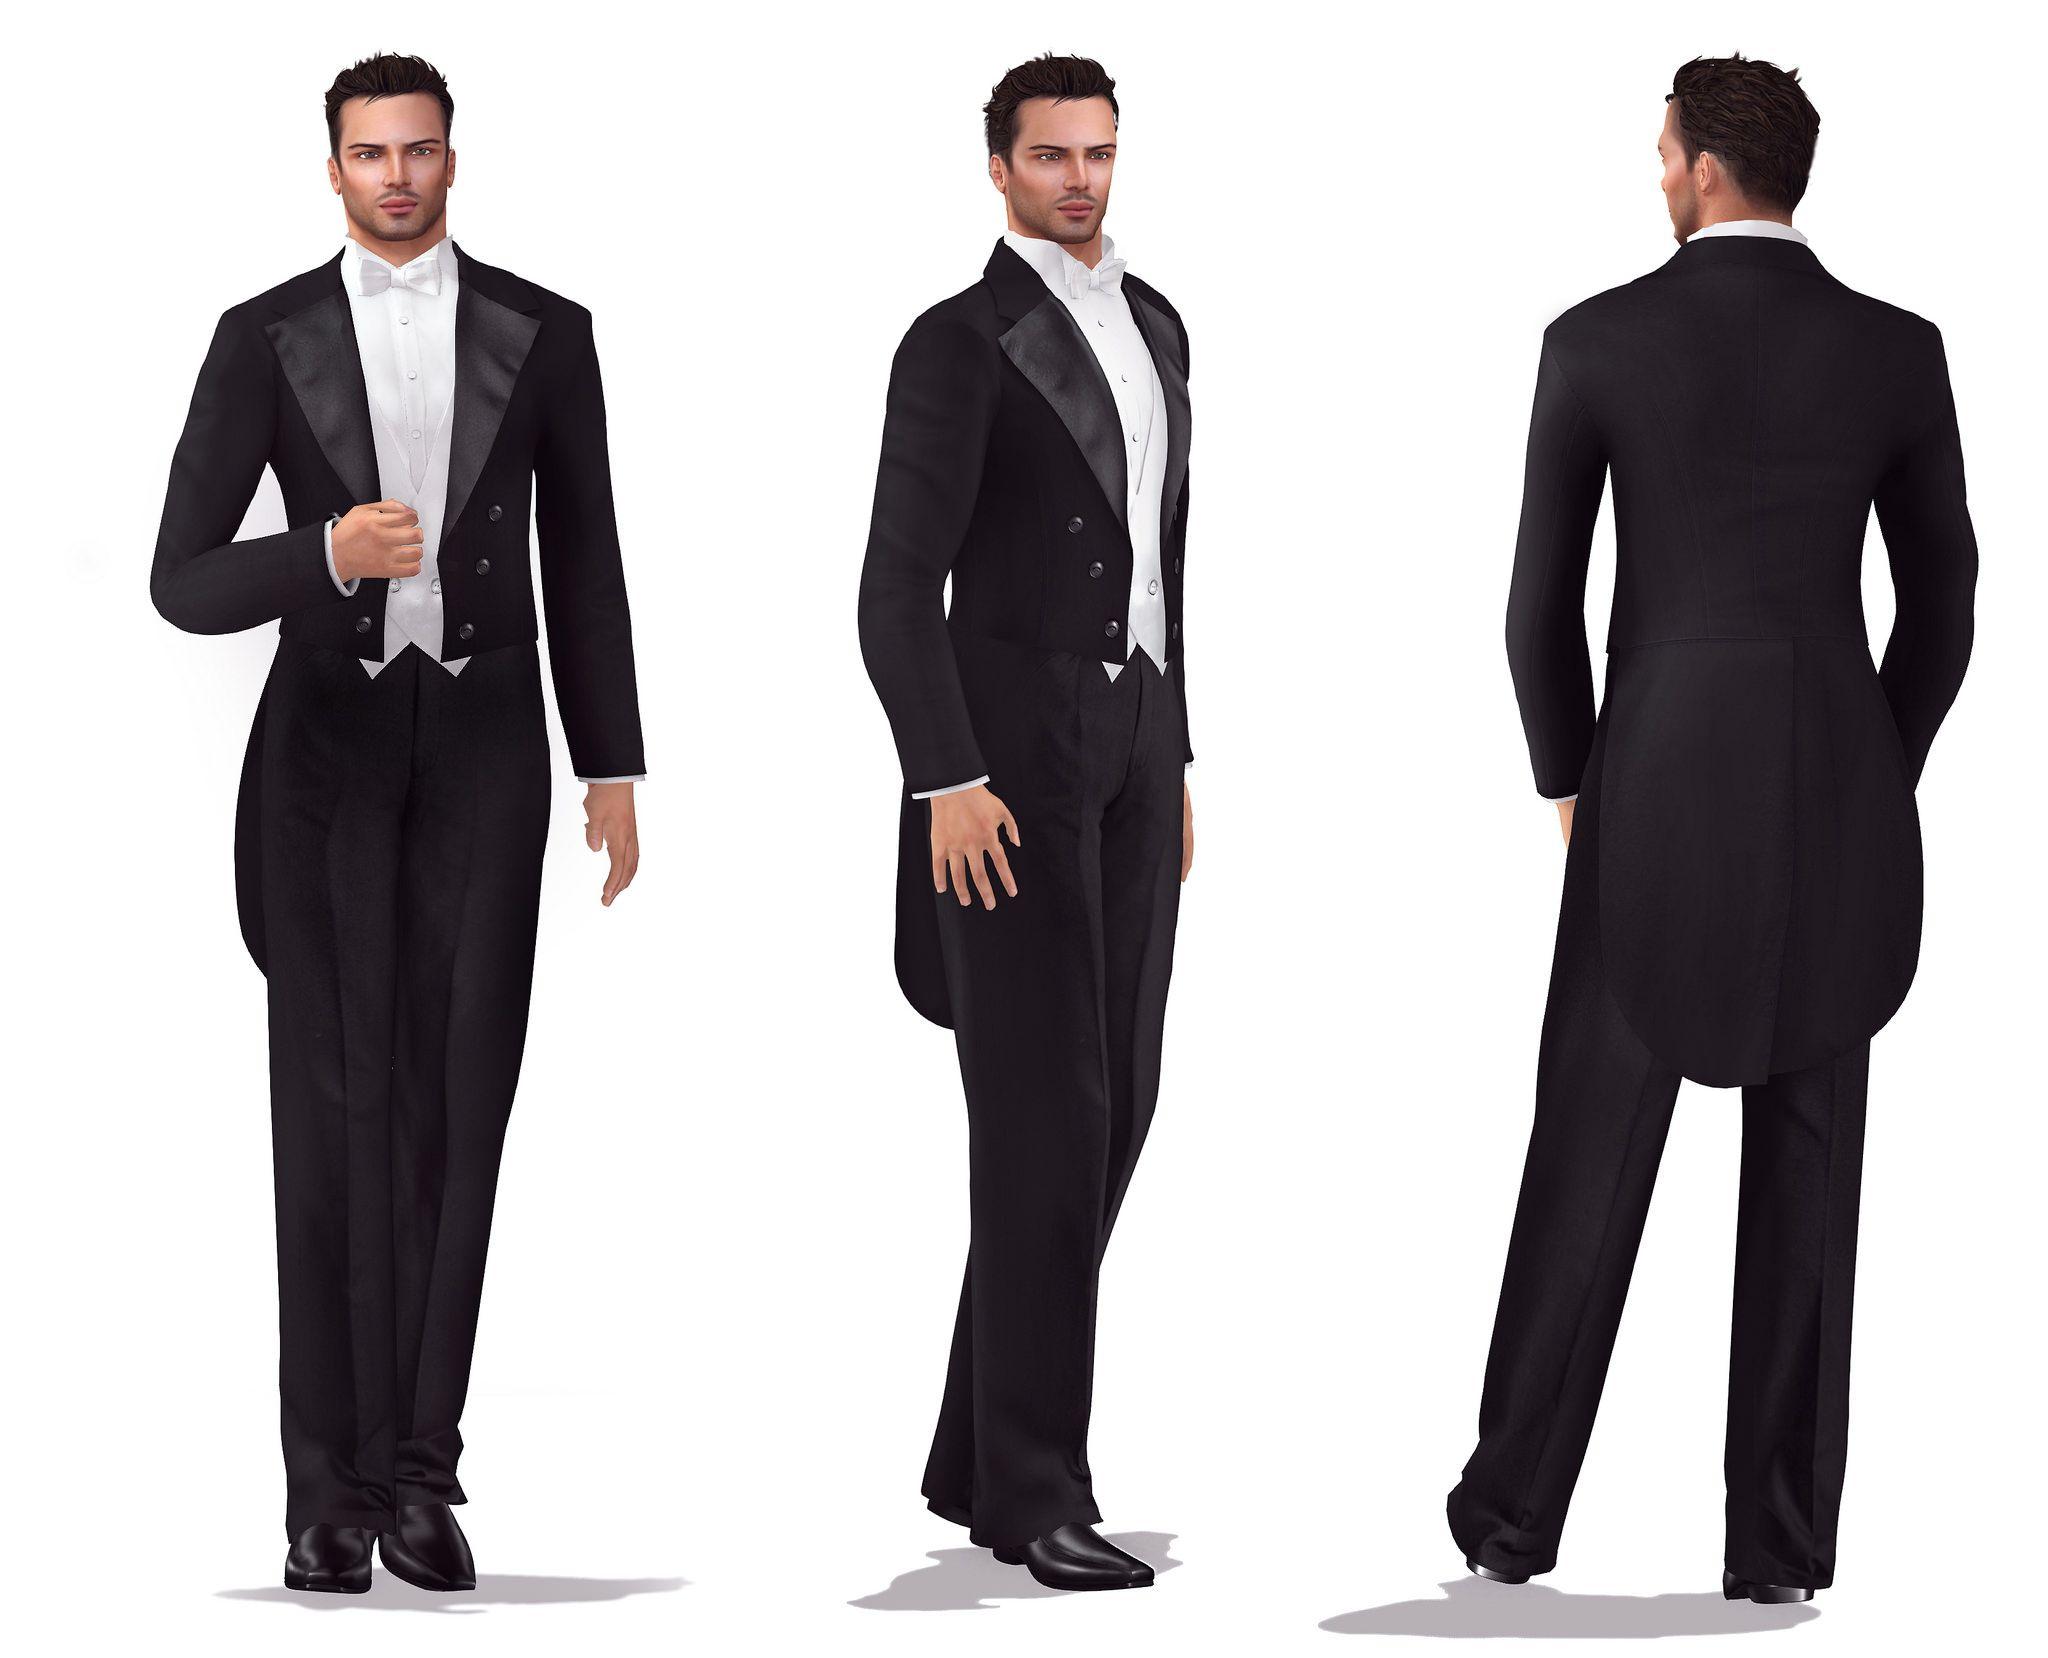 Long Tail Tuxedo Suit Wedding suits, Tuxedo for men